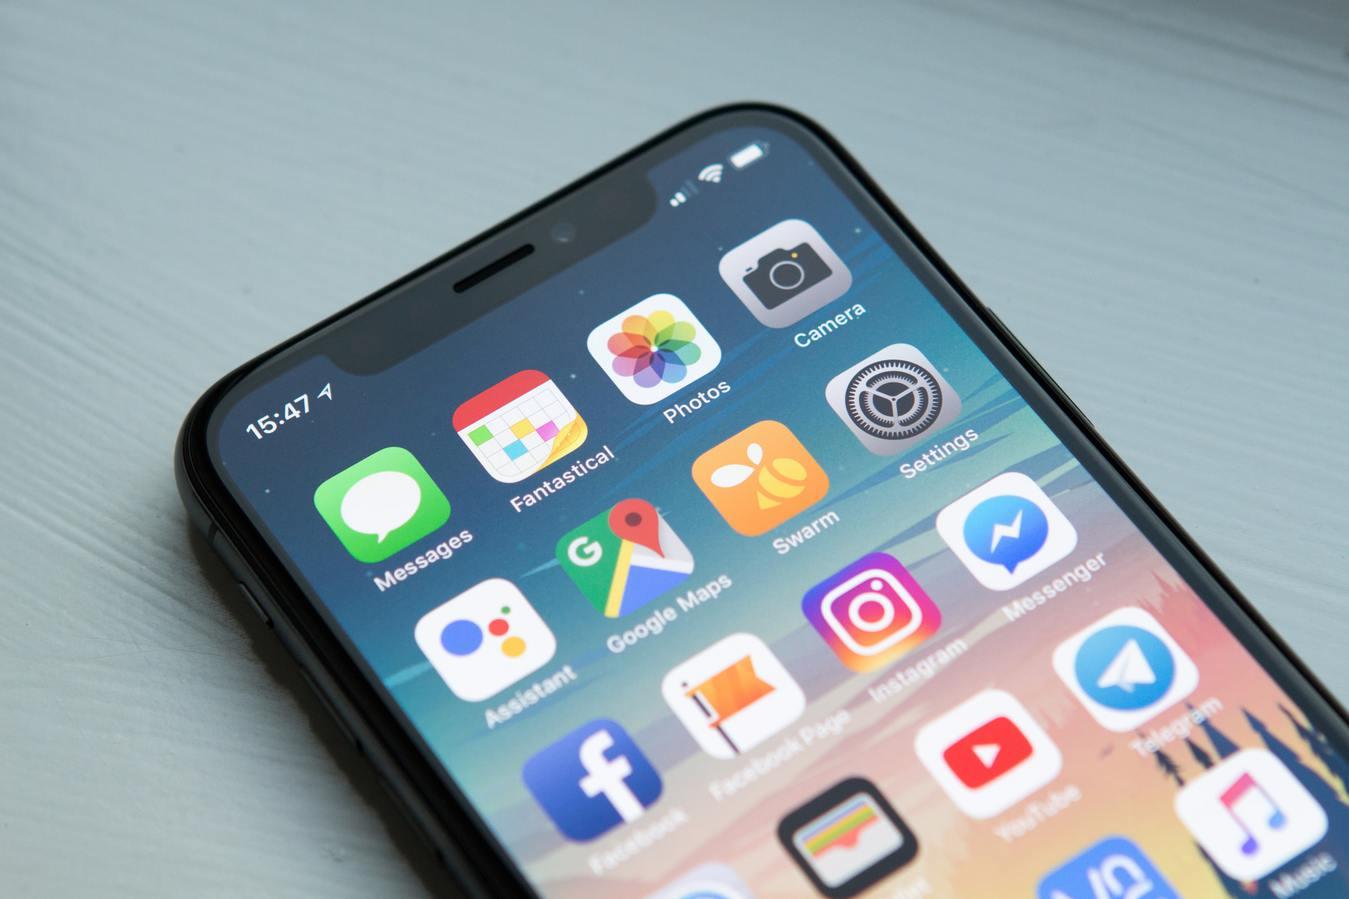 Ecran d'iphone avec des applications